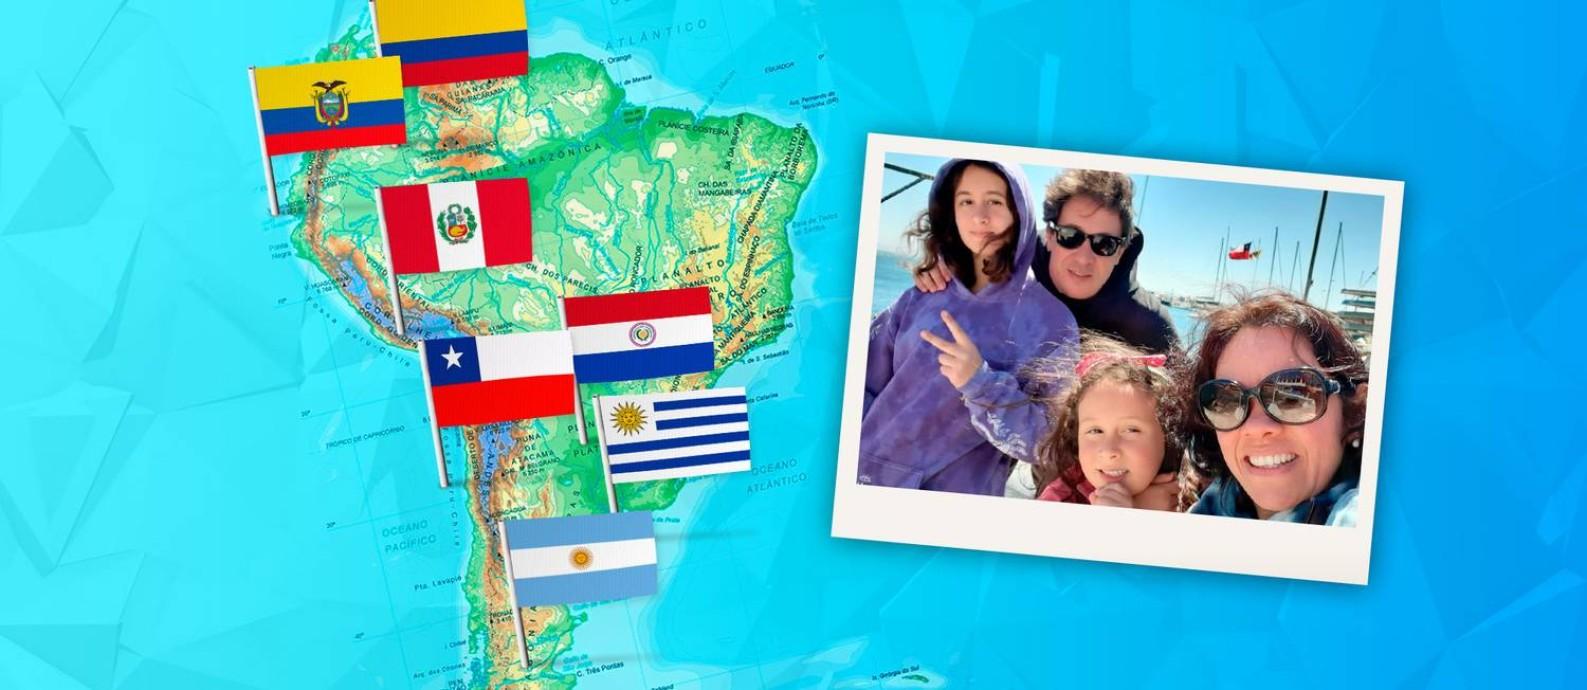 Luiz Nicole se mudou com a família para o Chile em 2016 devido a uma oportunidade de trabalho e também pelo momento do país Foto: Arquivo pessoal